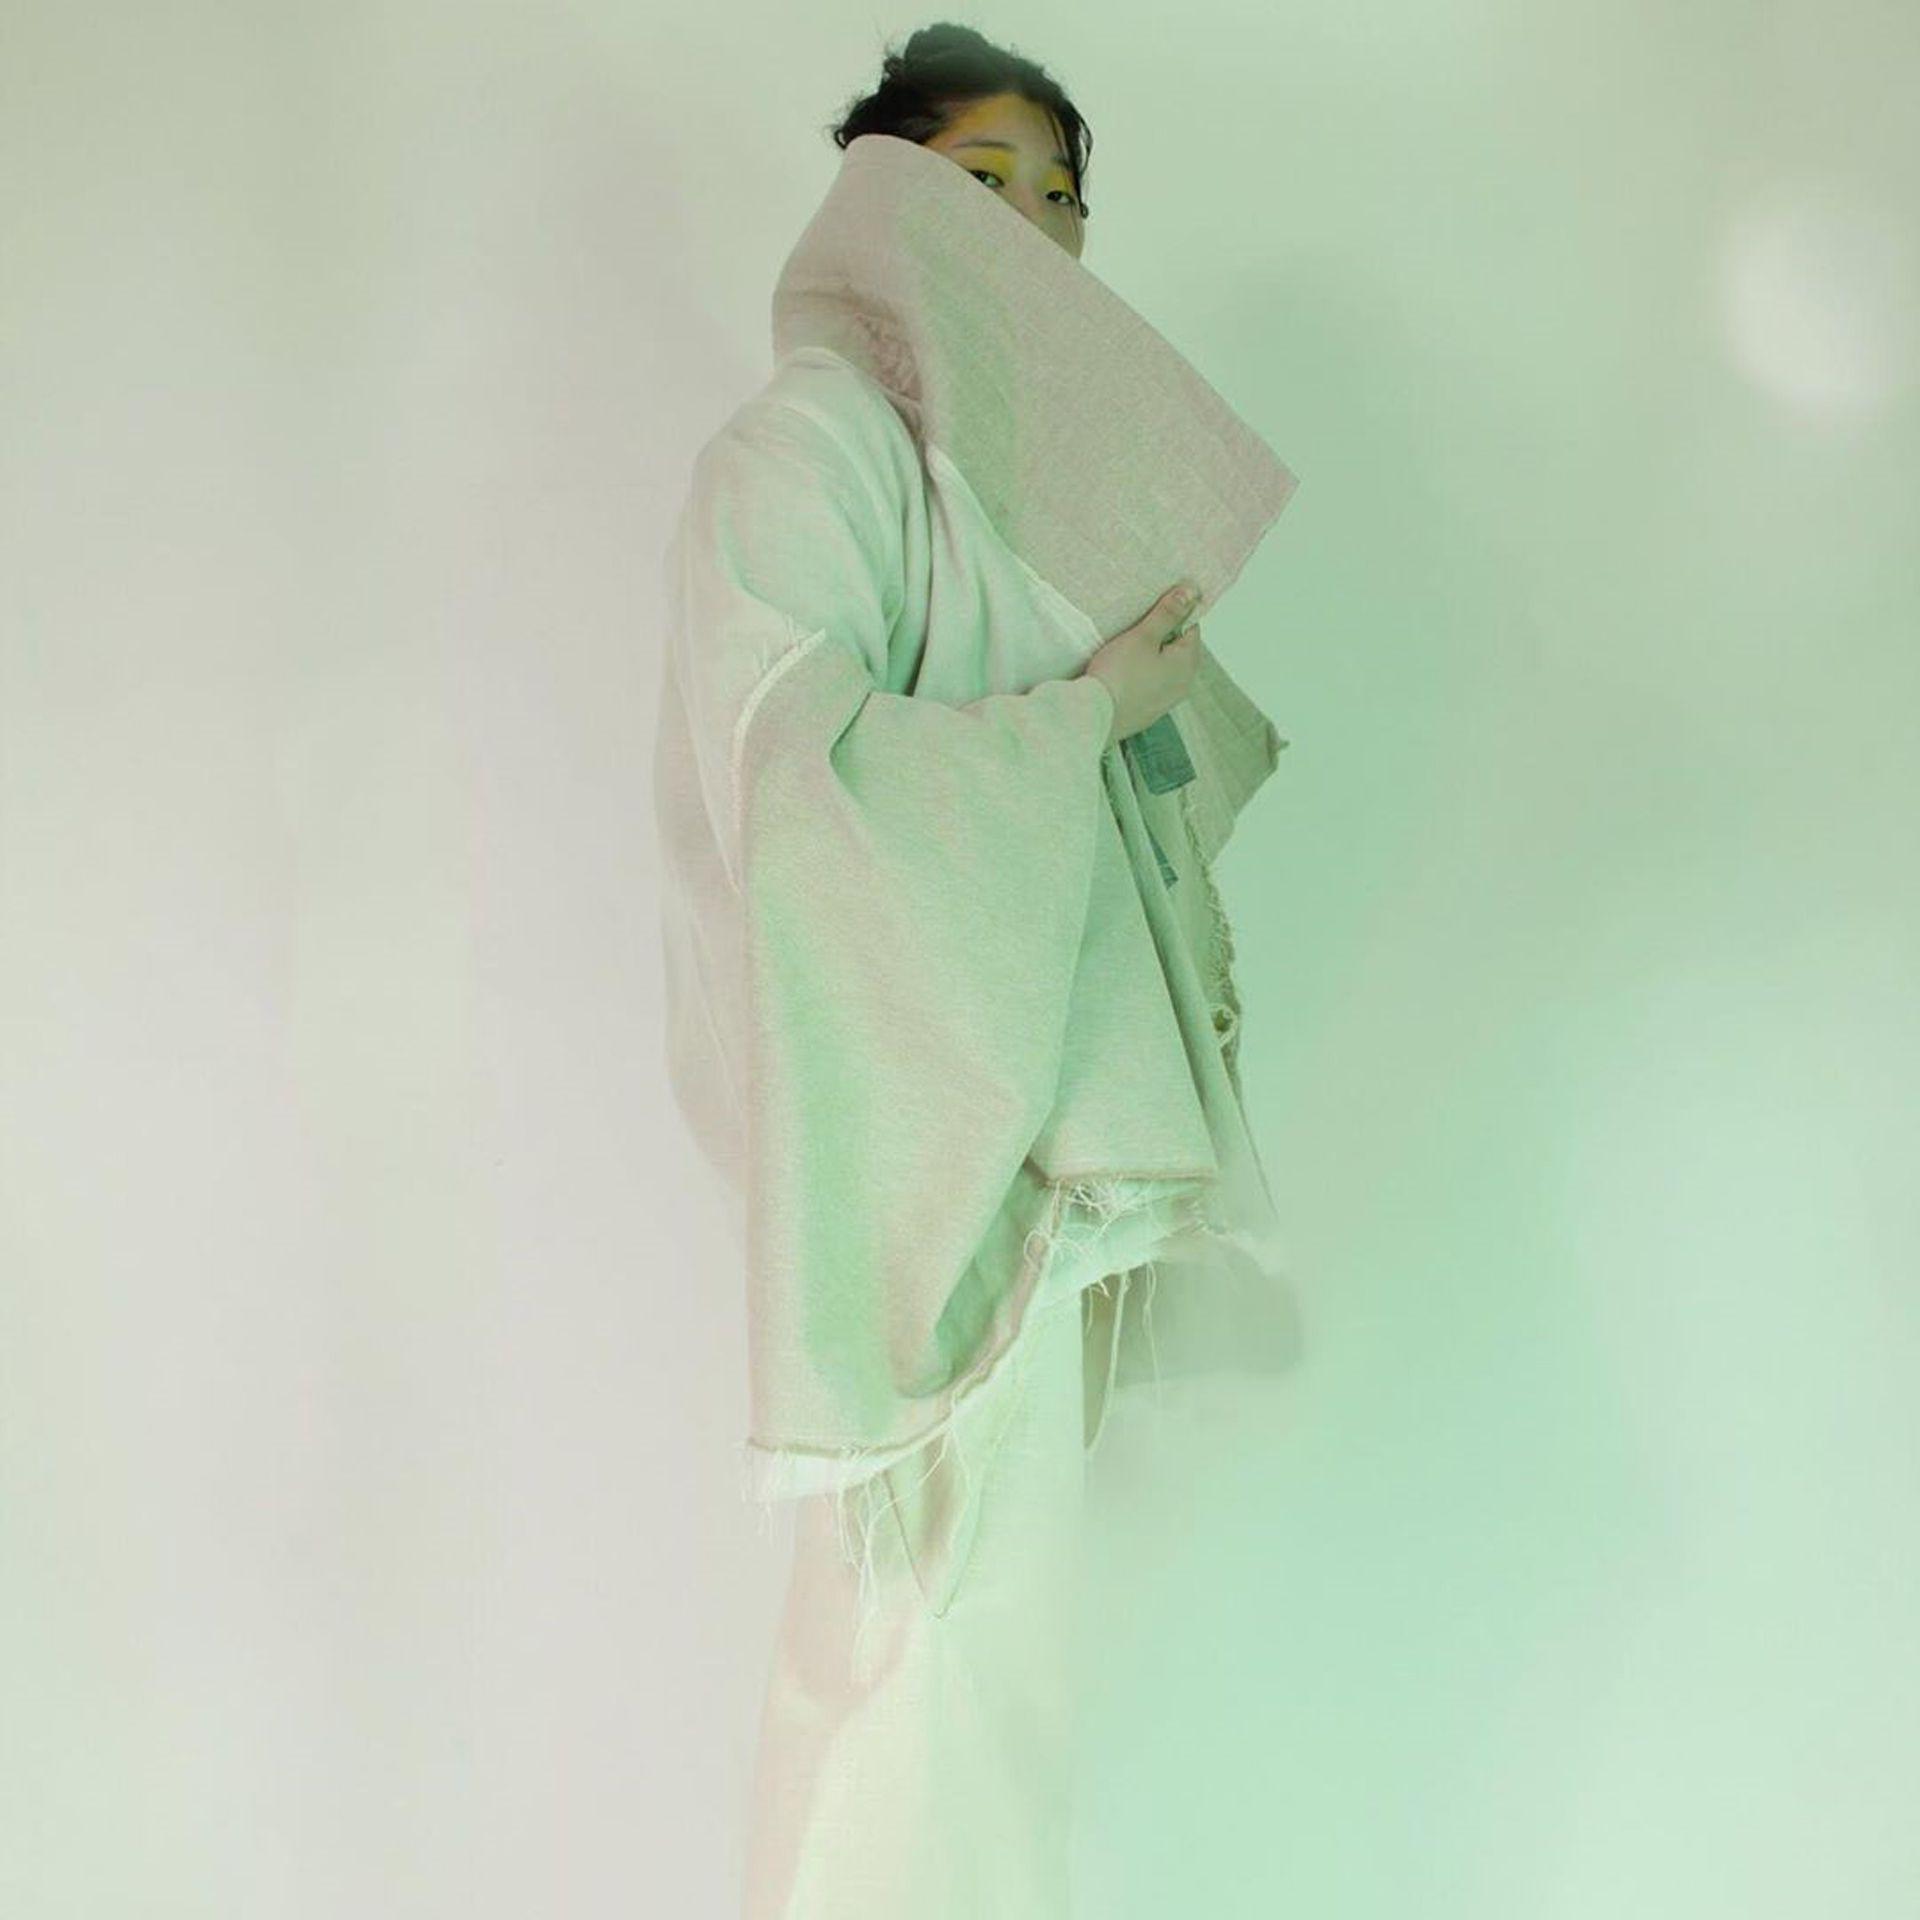 Las diseñadoras explicaron que se dieron cuenta de que la vestimenta asiática era similar a la occidental y que tenían varios puntos en común, sobre todo la vestimenta del gaucho y la ropa tradicional coreana